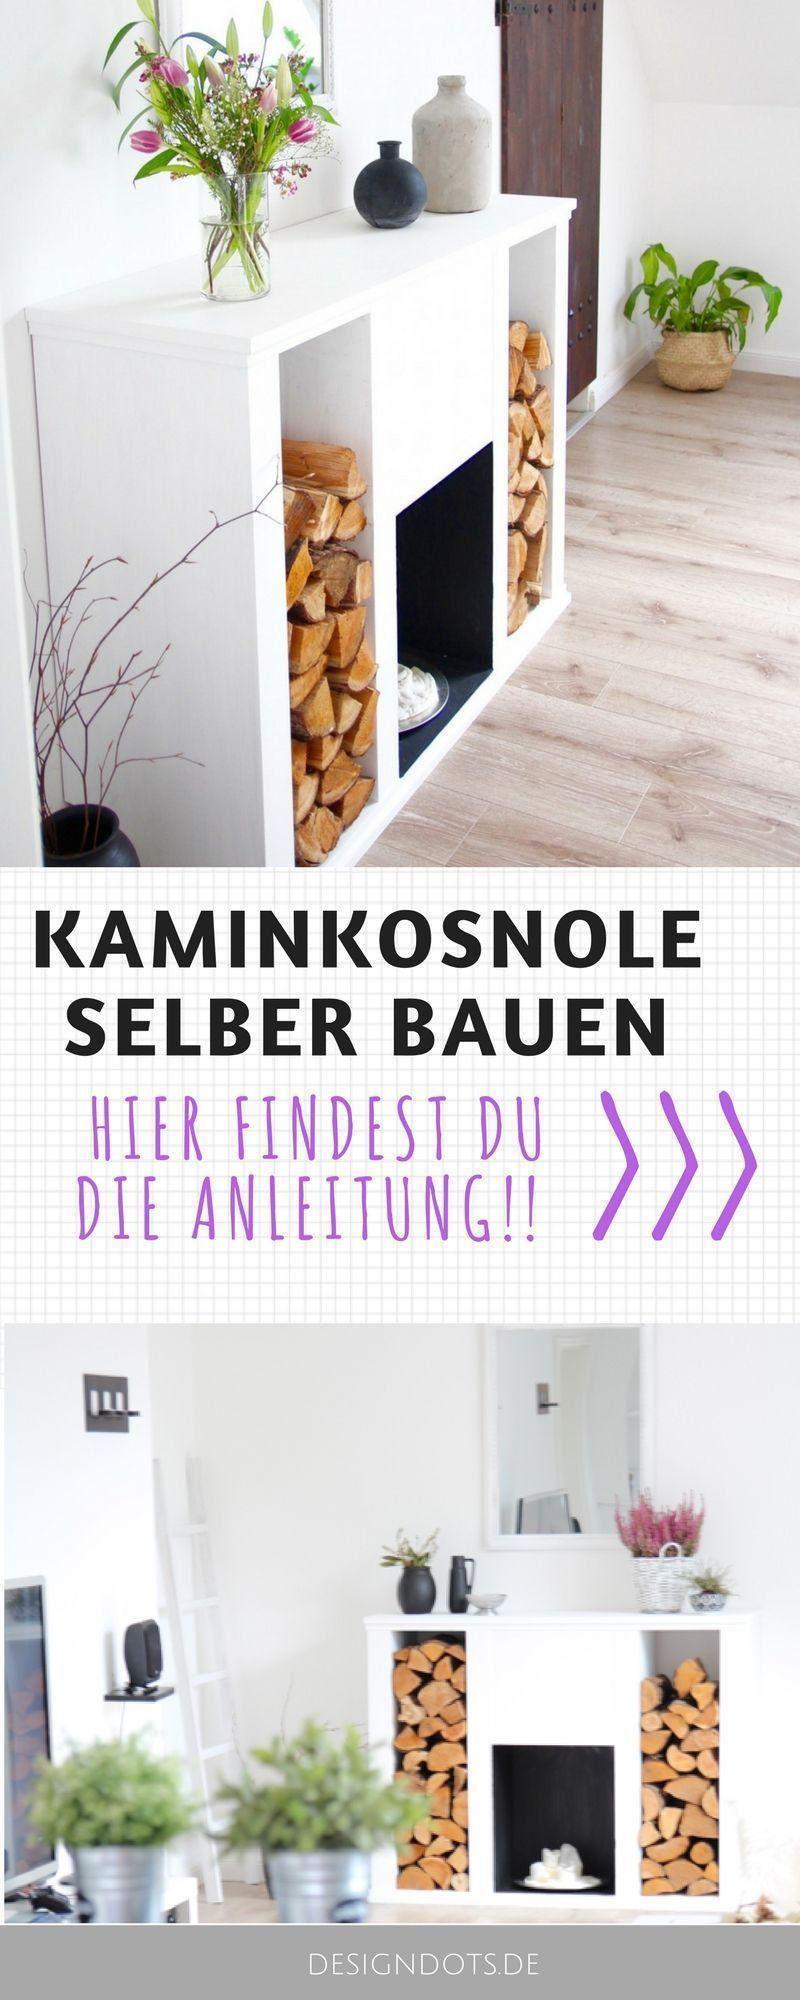 DIY Kaminkonsole selbst bauen - DESIGN DOTS - Kaminkonsole selber